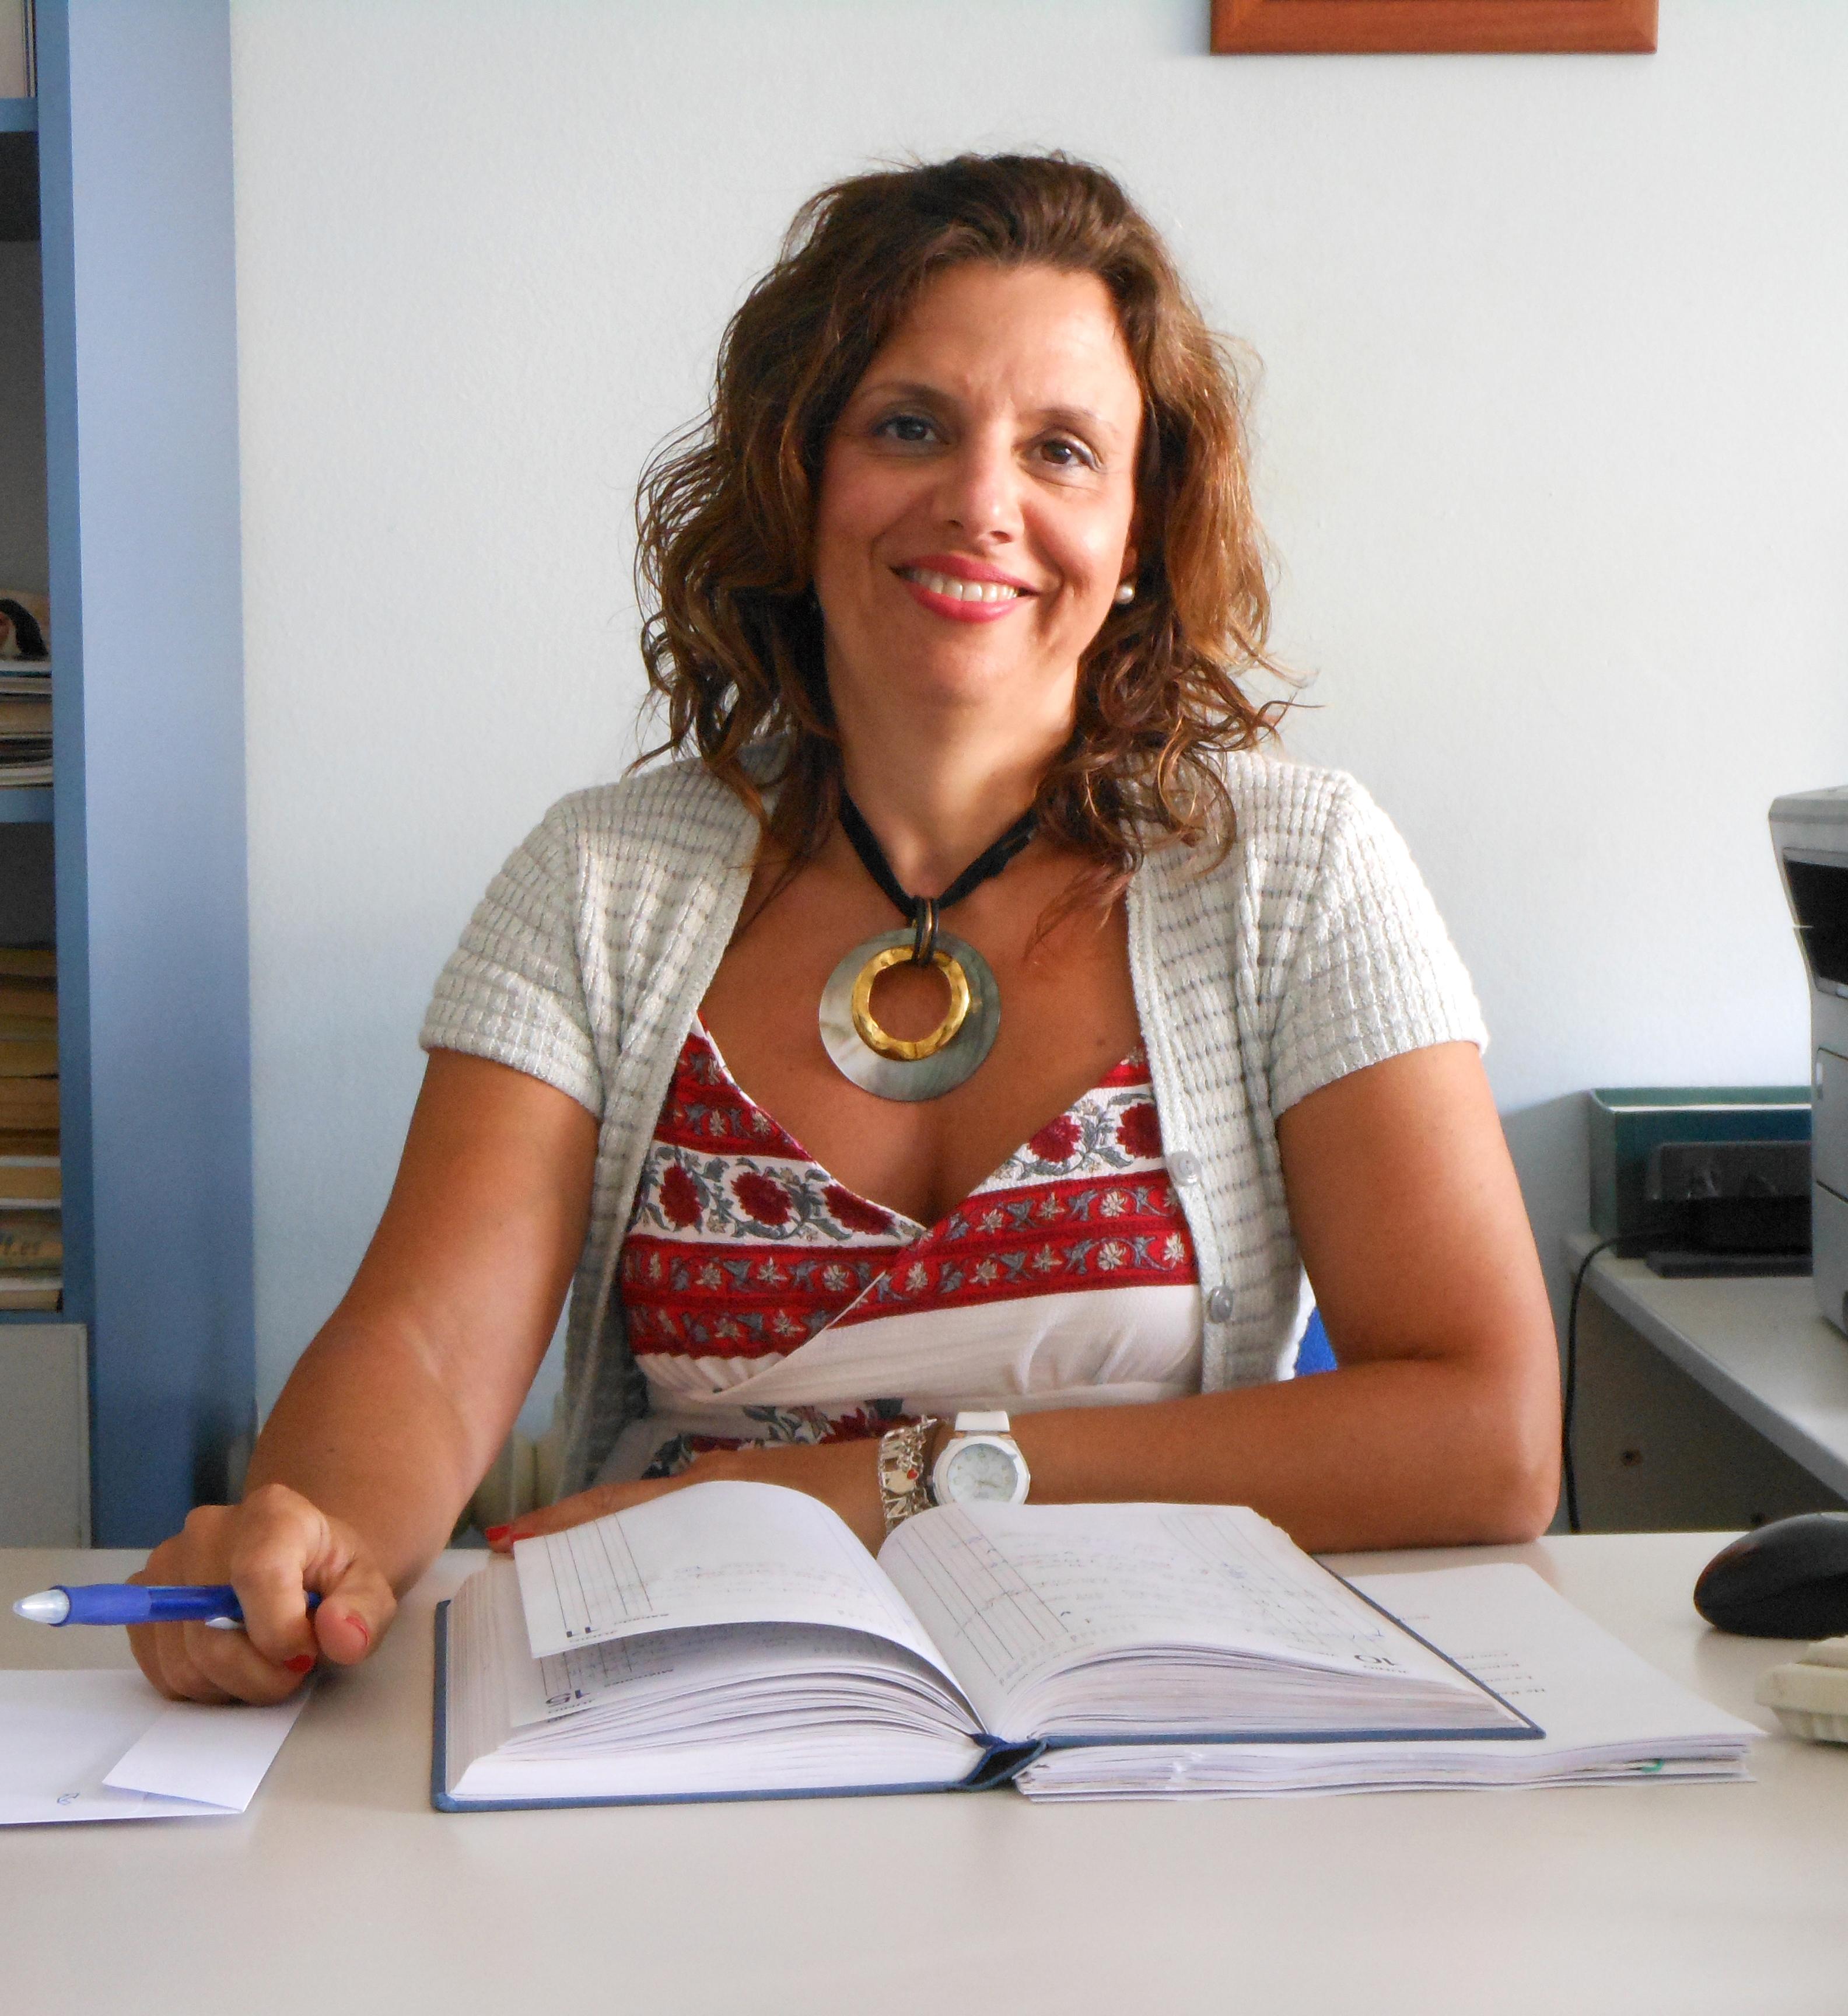 Cuidados y Asistencia realiza servicios de atención domiciliaria en domicilio y en centros sanitarios de Sevilla